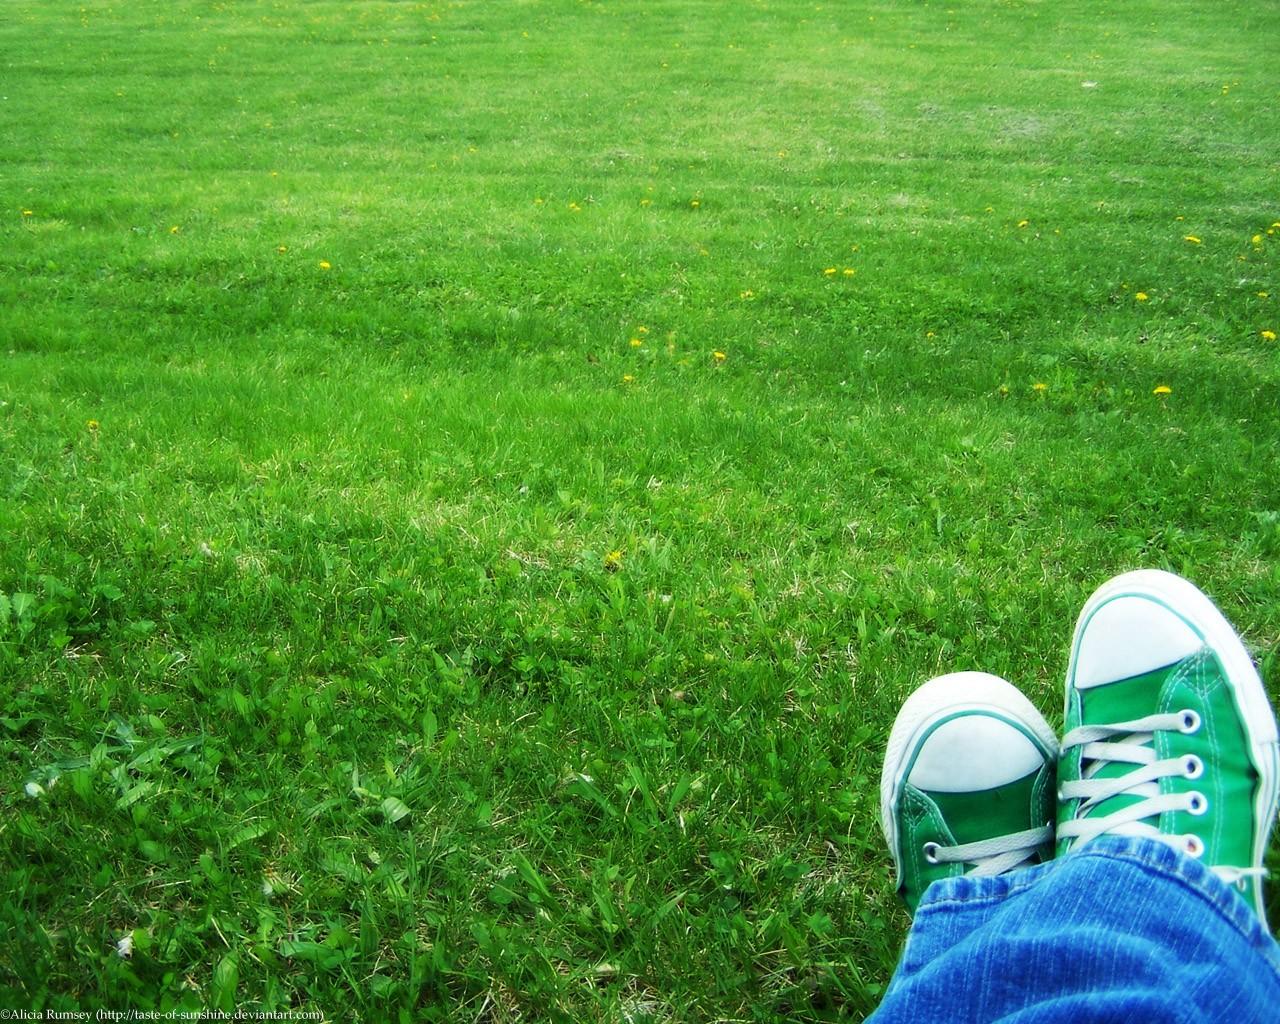 Обои для рабочего стола, кеды, зеленая трава, луг